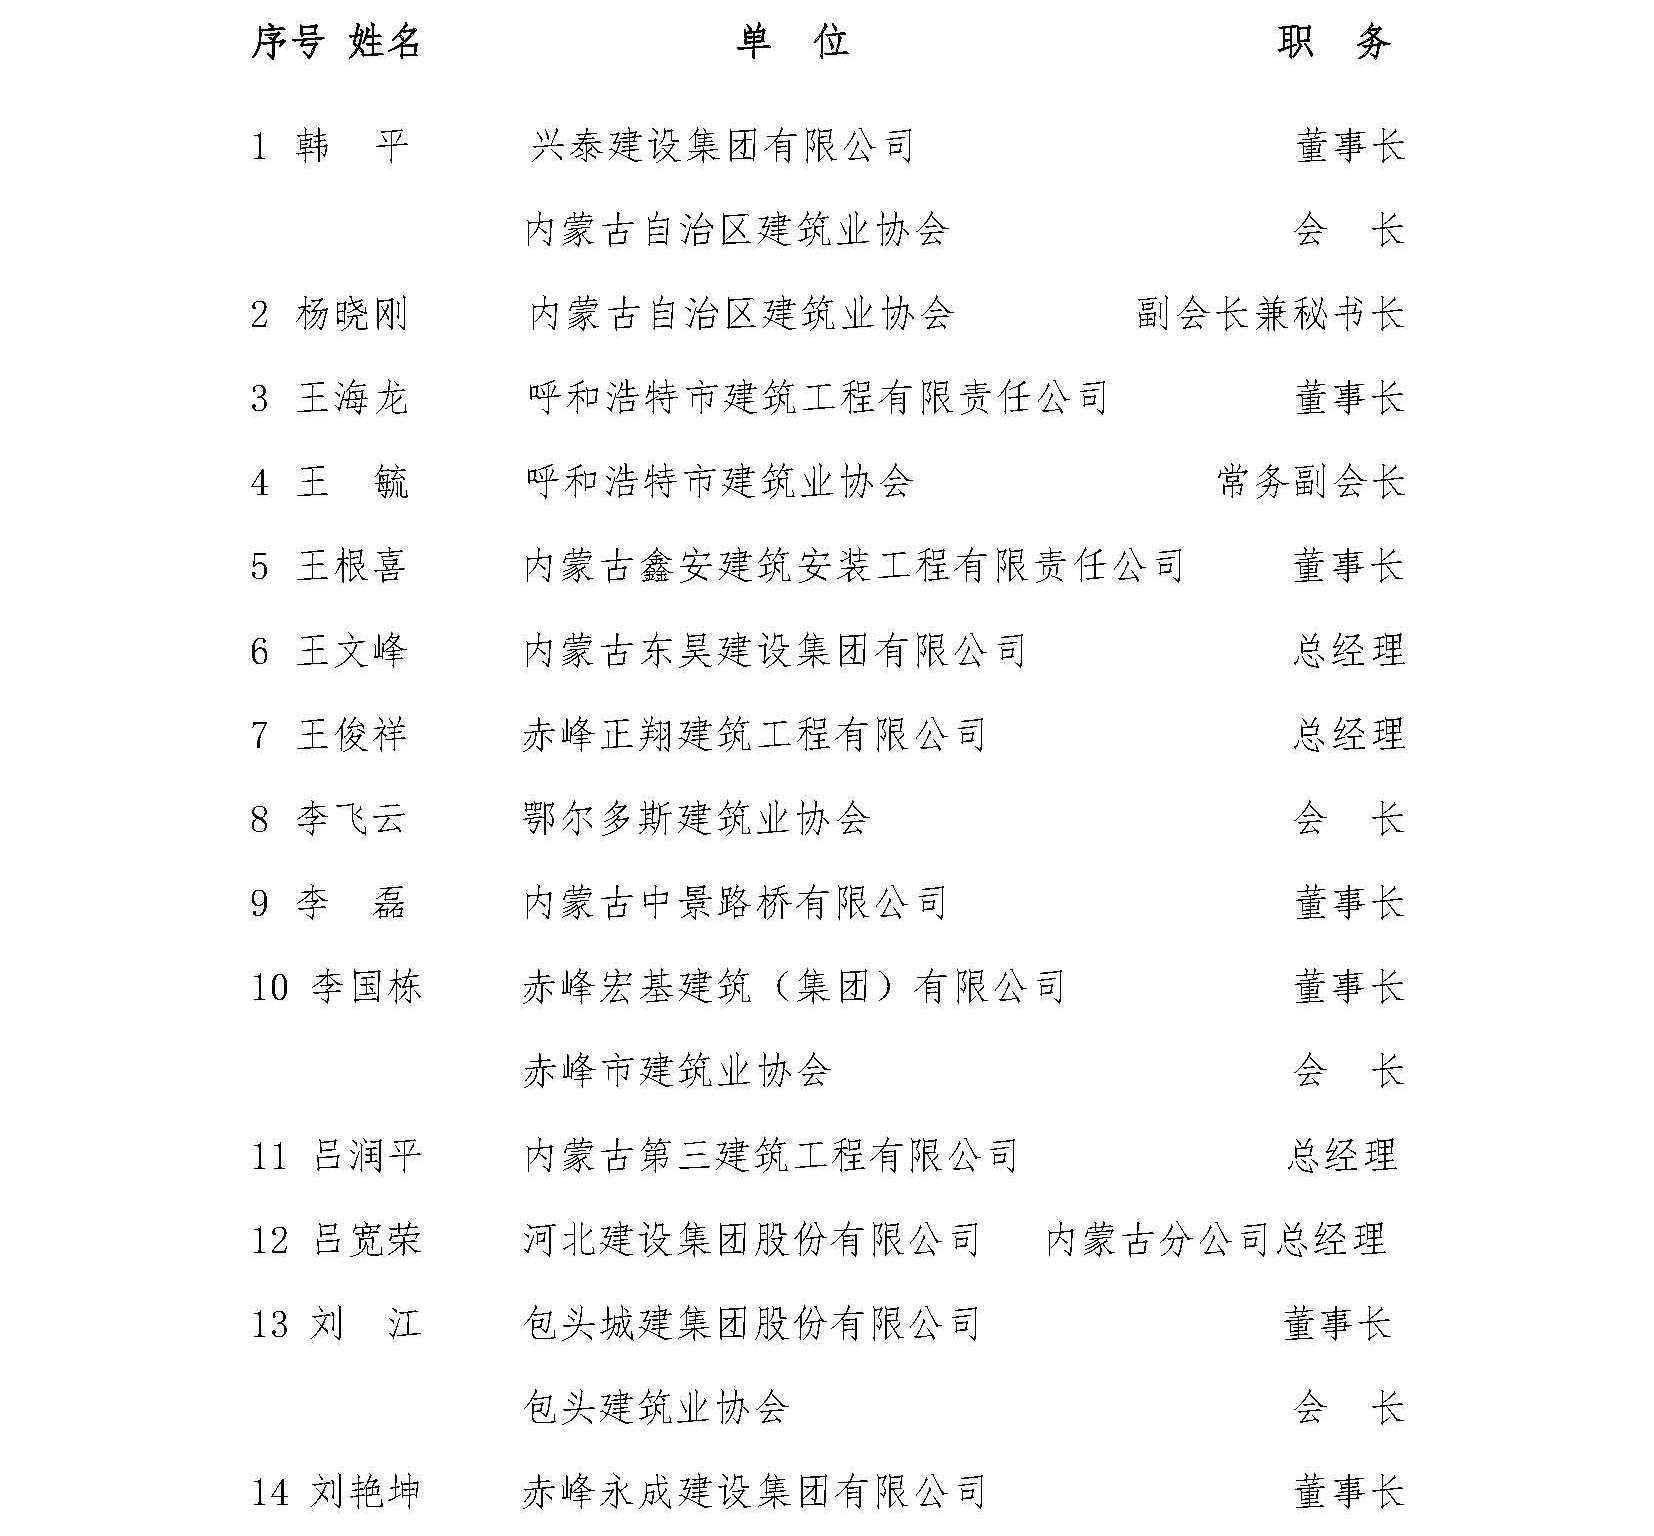 内建协〔2021〕7号 关于公布内蒙古自治区建筑业协会六届理事会常务理事名单的通知_页面_2.jpg